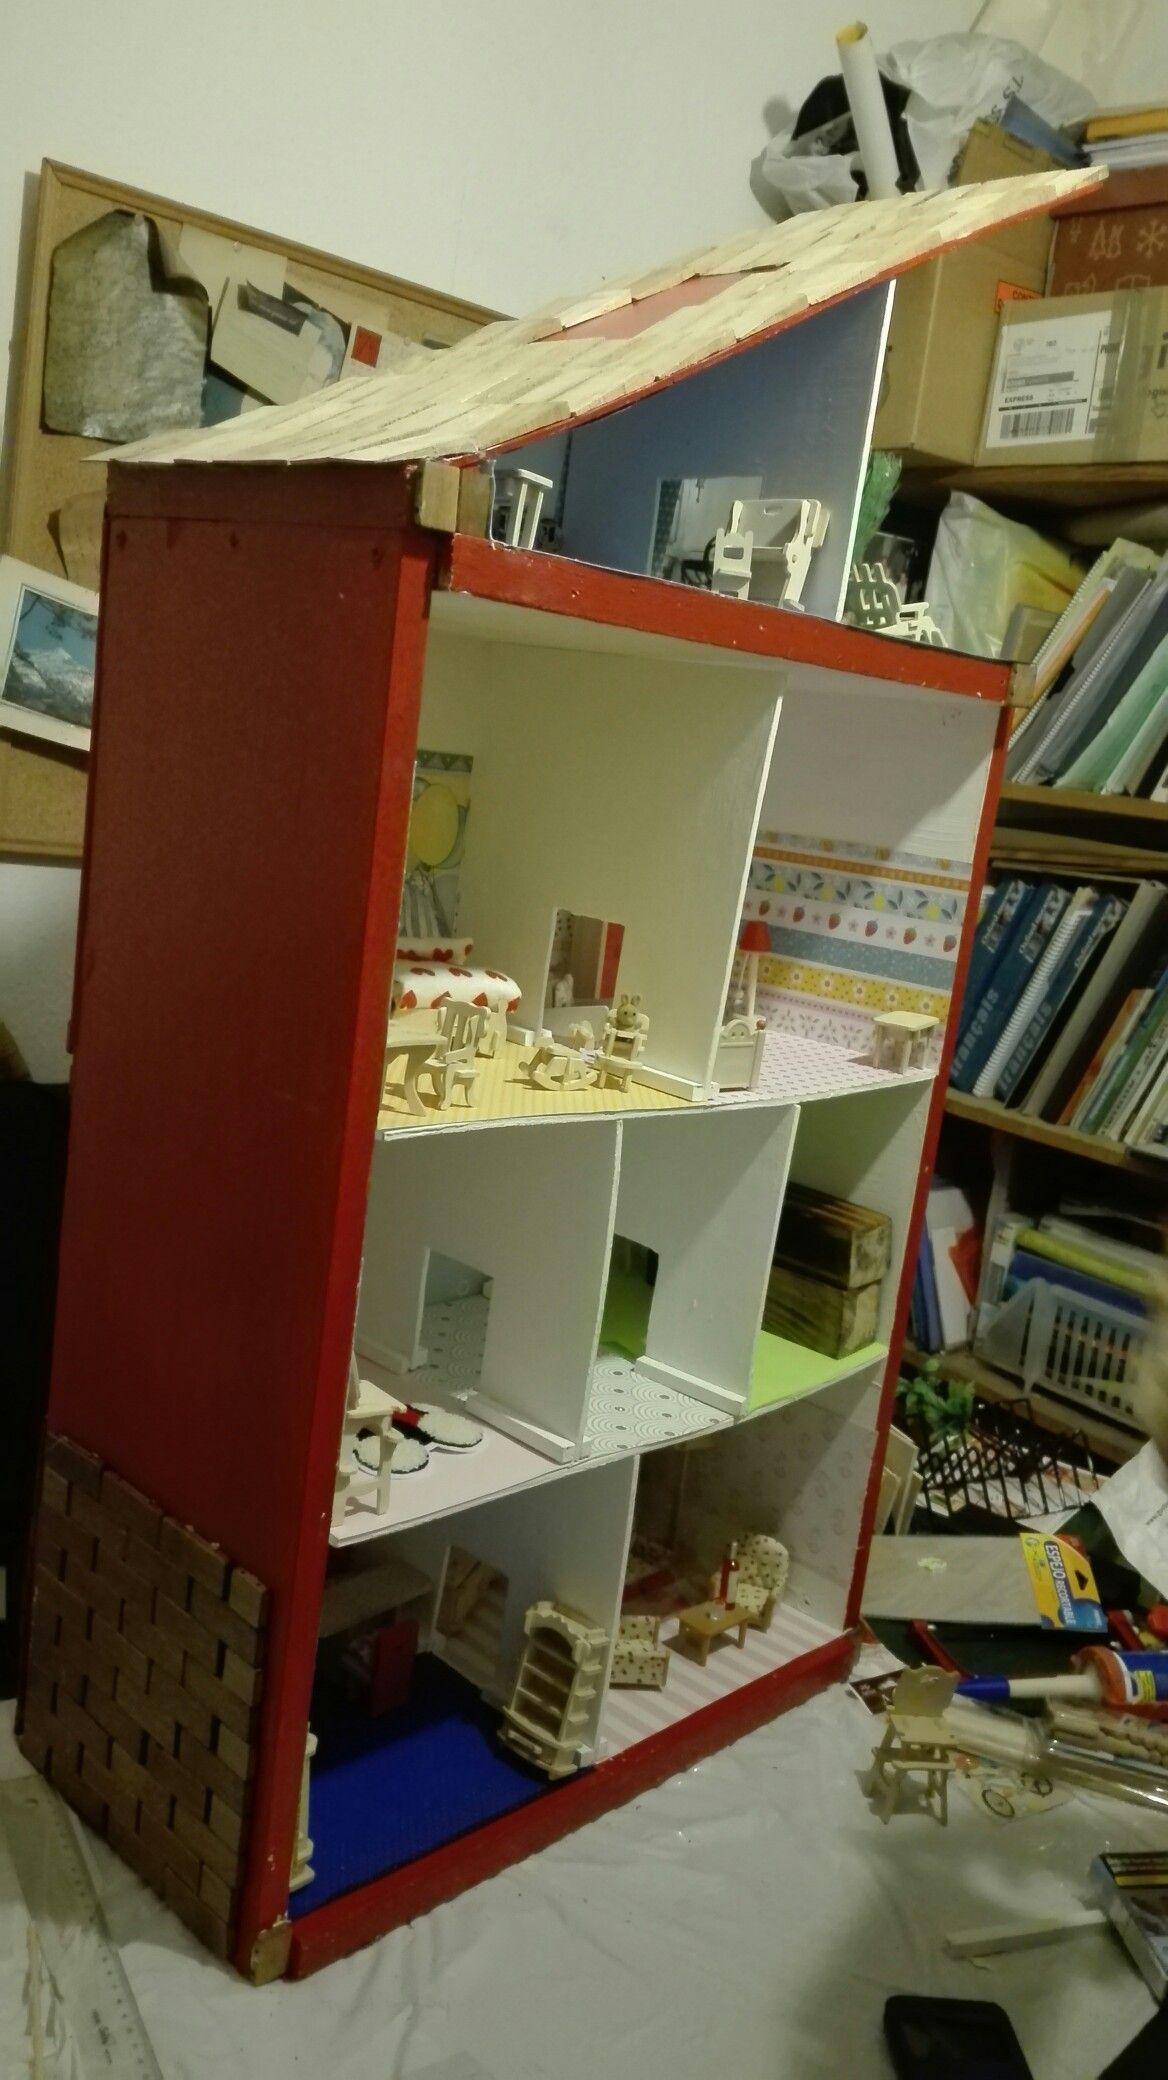 Esto Va Tomando Color Prueba De Los Primeros Muebles Y Cositas Del Interior Muebles Casa De Muñecas Interiores